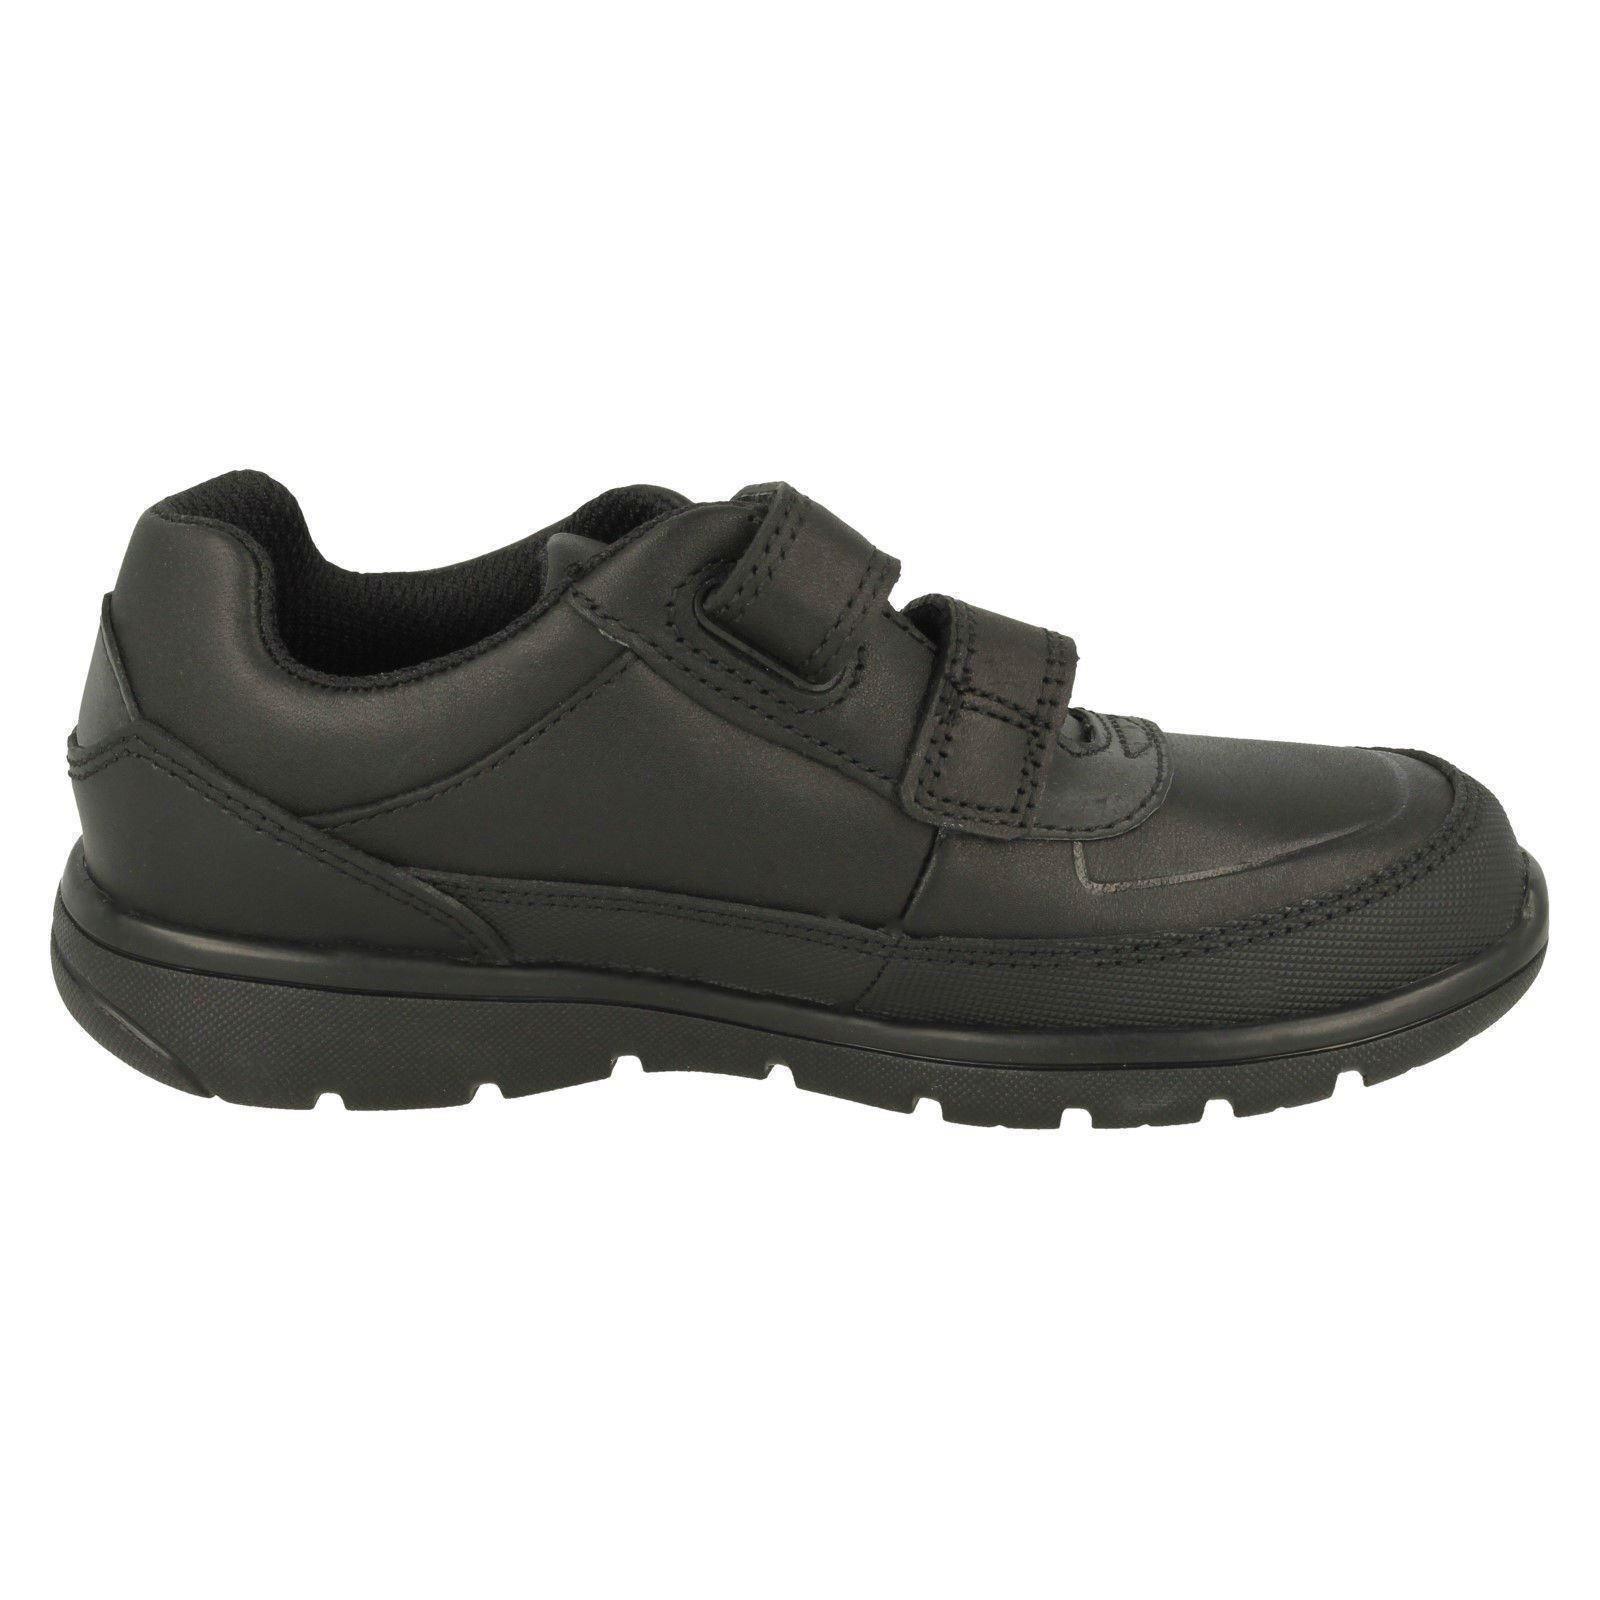 Boys Clarks Hook /& Loop School Shoes Venture Walk